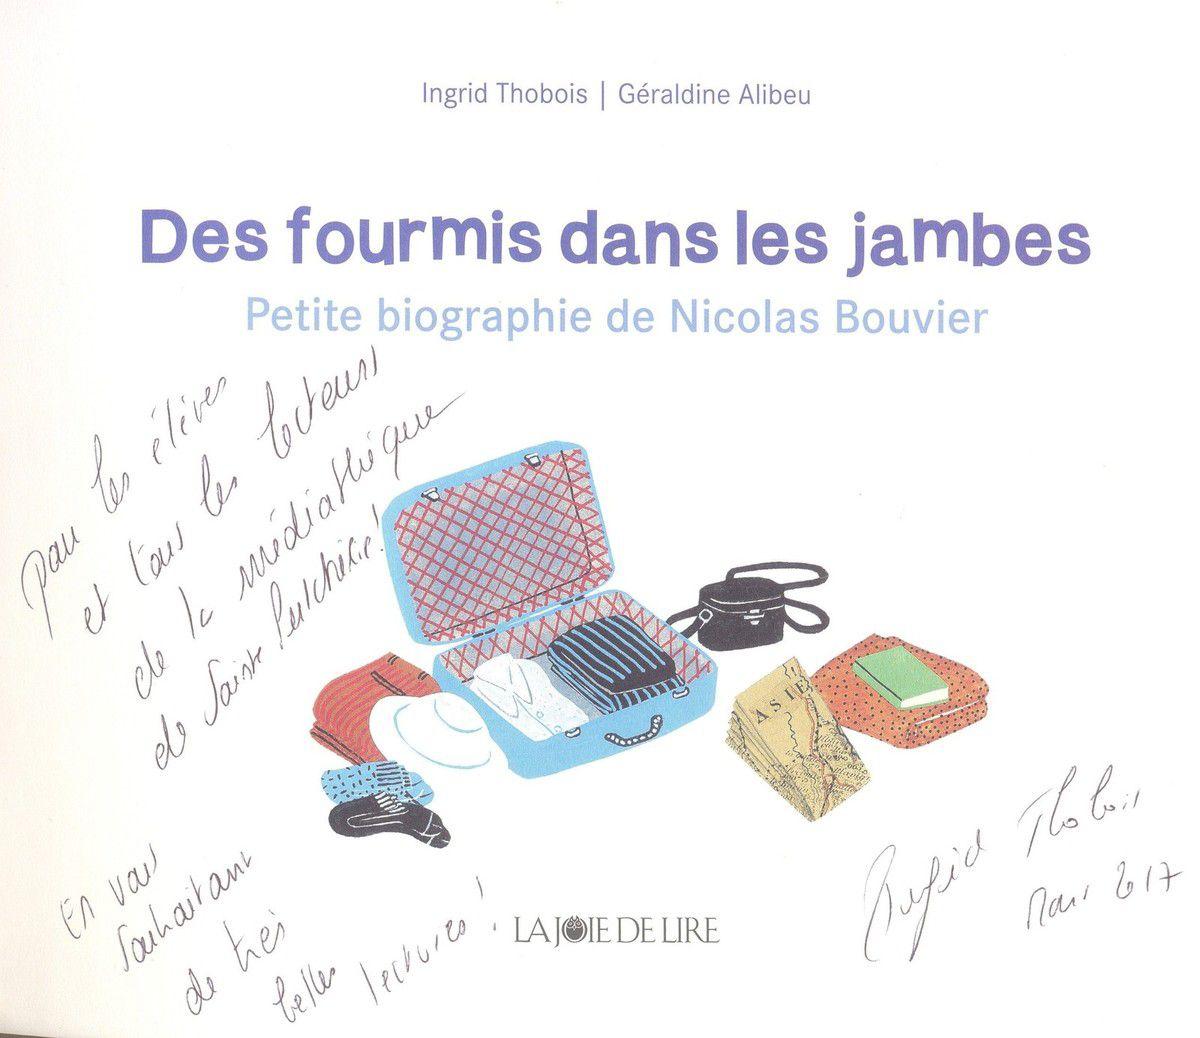 Le voyage photographique : ateliers d'écriture en 9e avec Ingrid Thobois